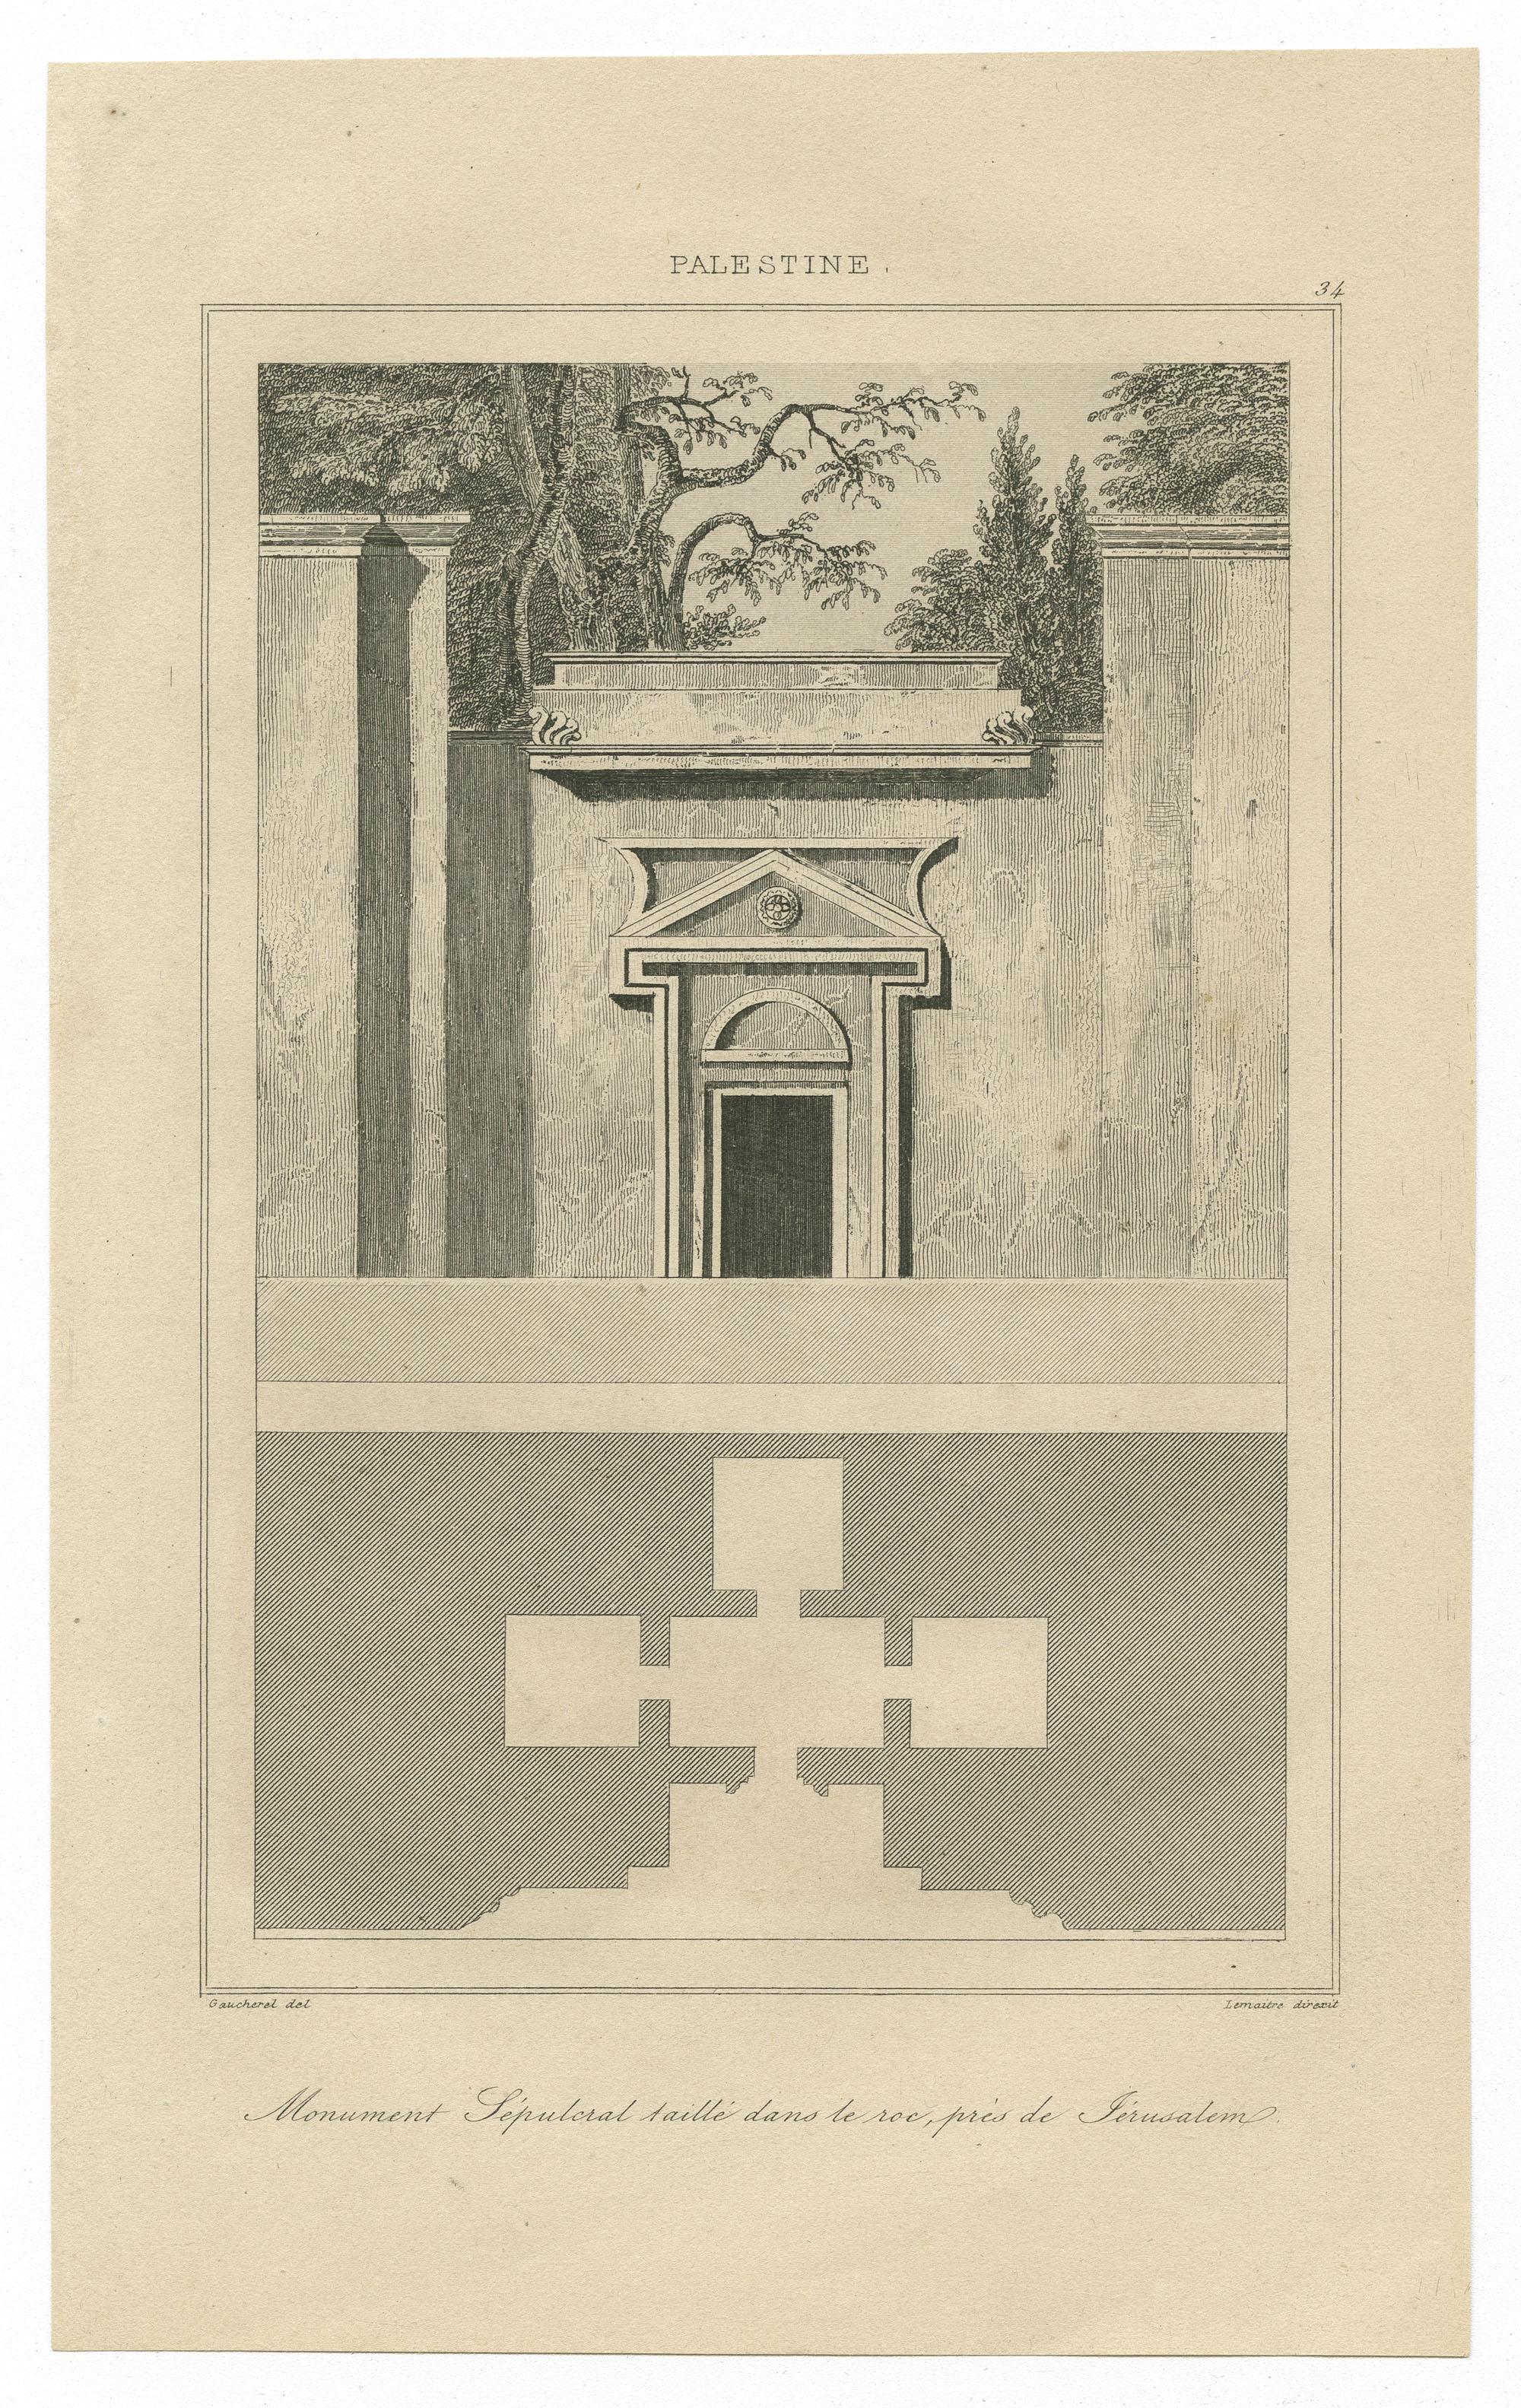 Monument Sepulcral taillé dans le roc, prés de Jerusalem